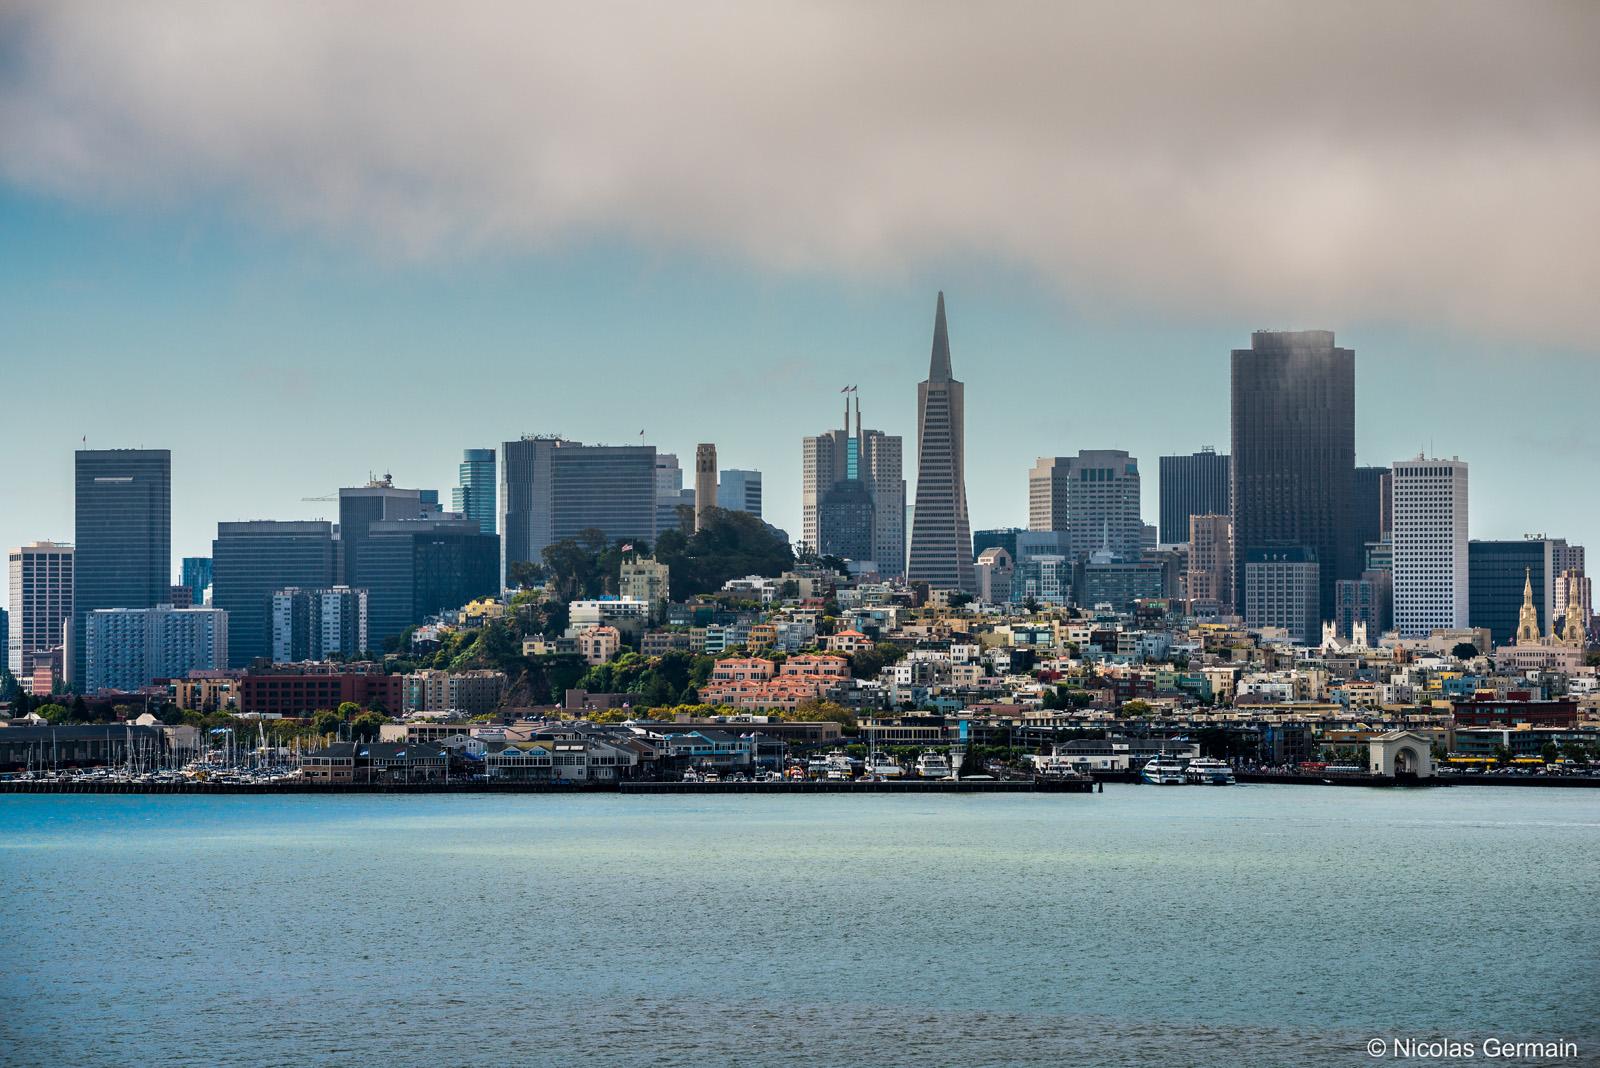 Vue sur San Francisco et ses buildings dominés par la Transamerica Pyramid